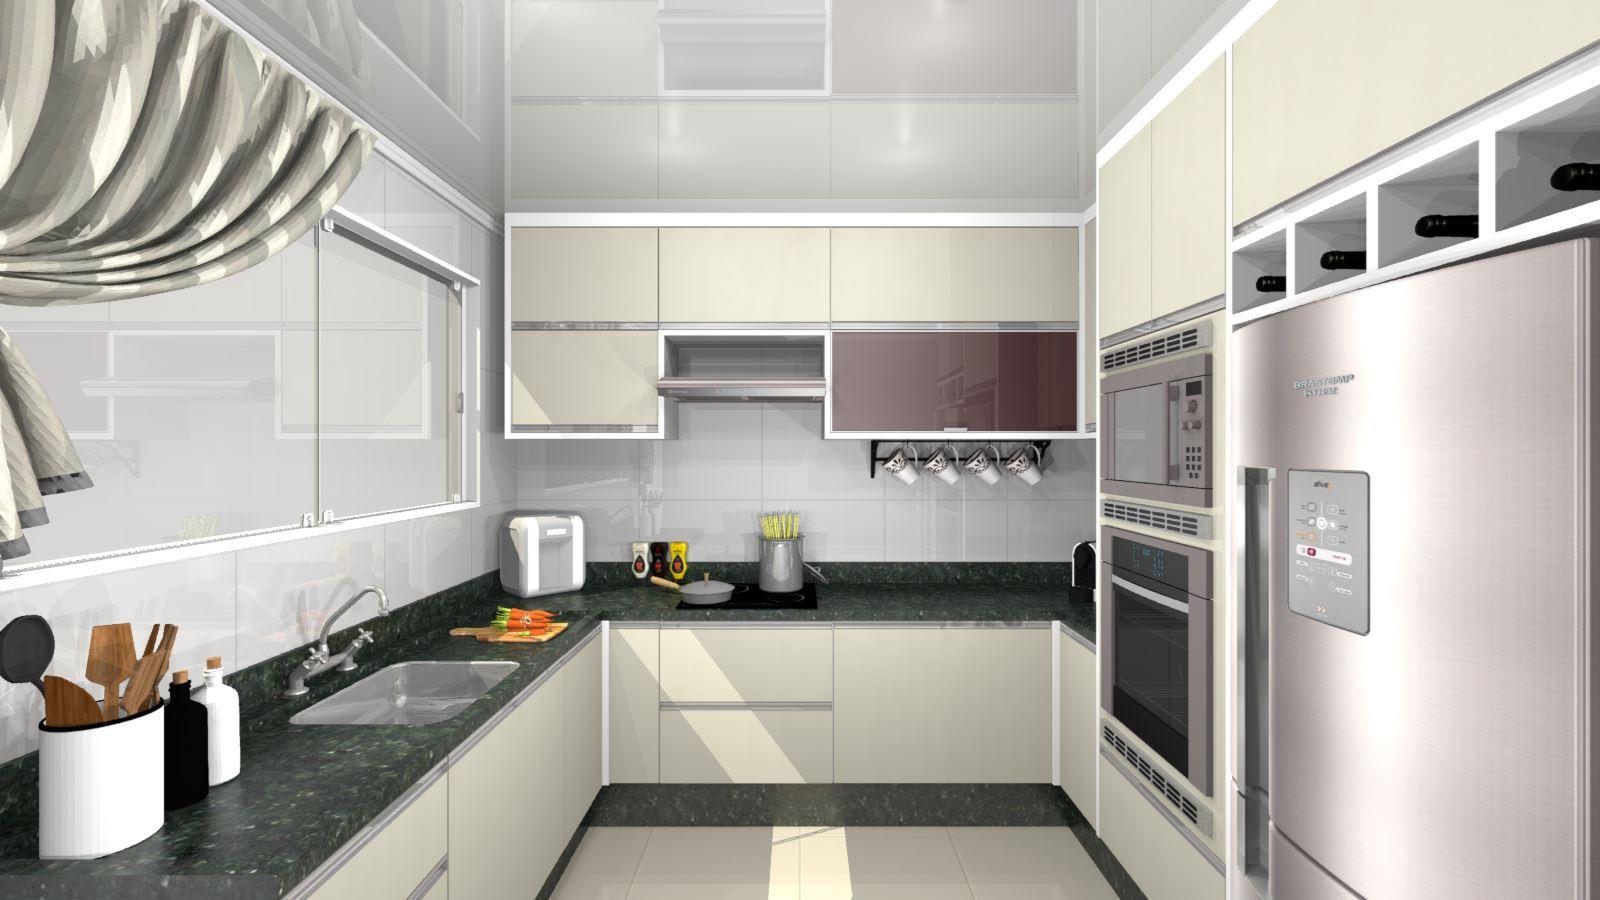 Cozinha Planejada Completa -Visão Frontal